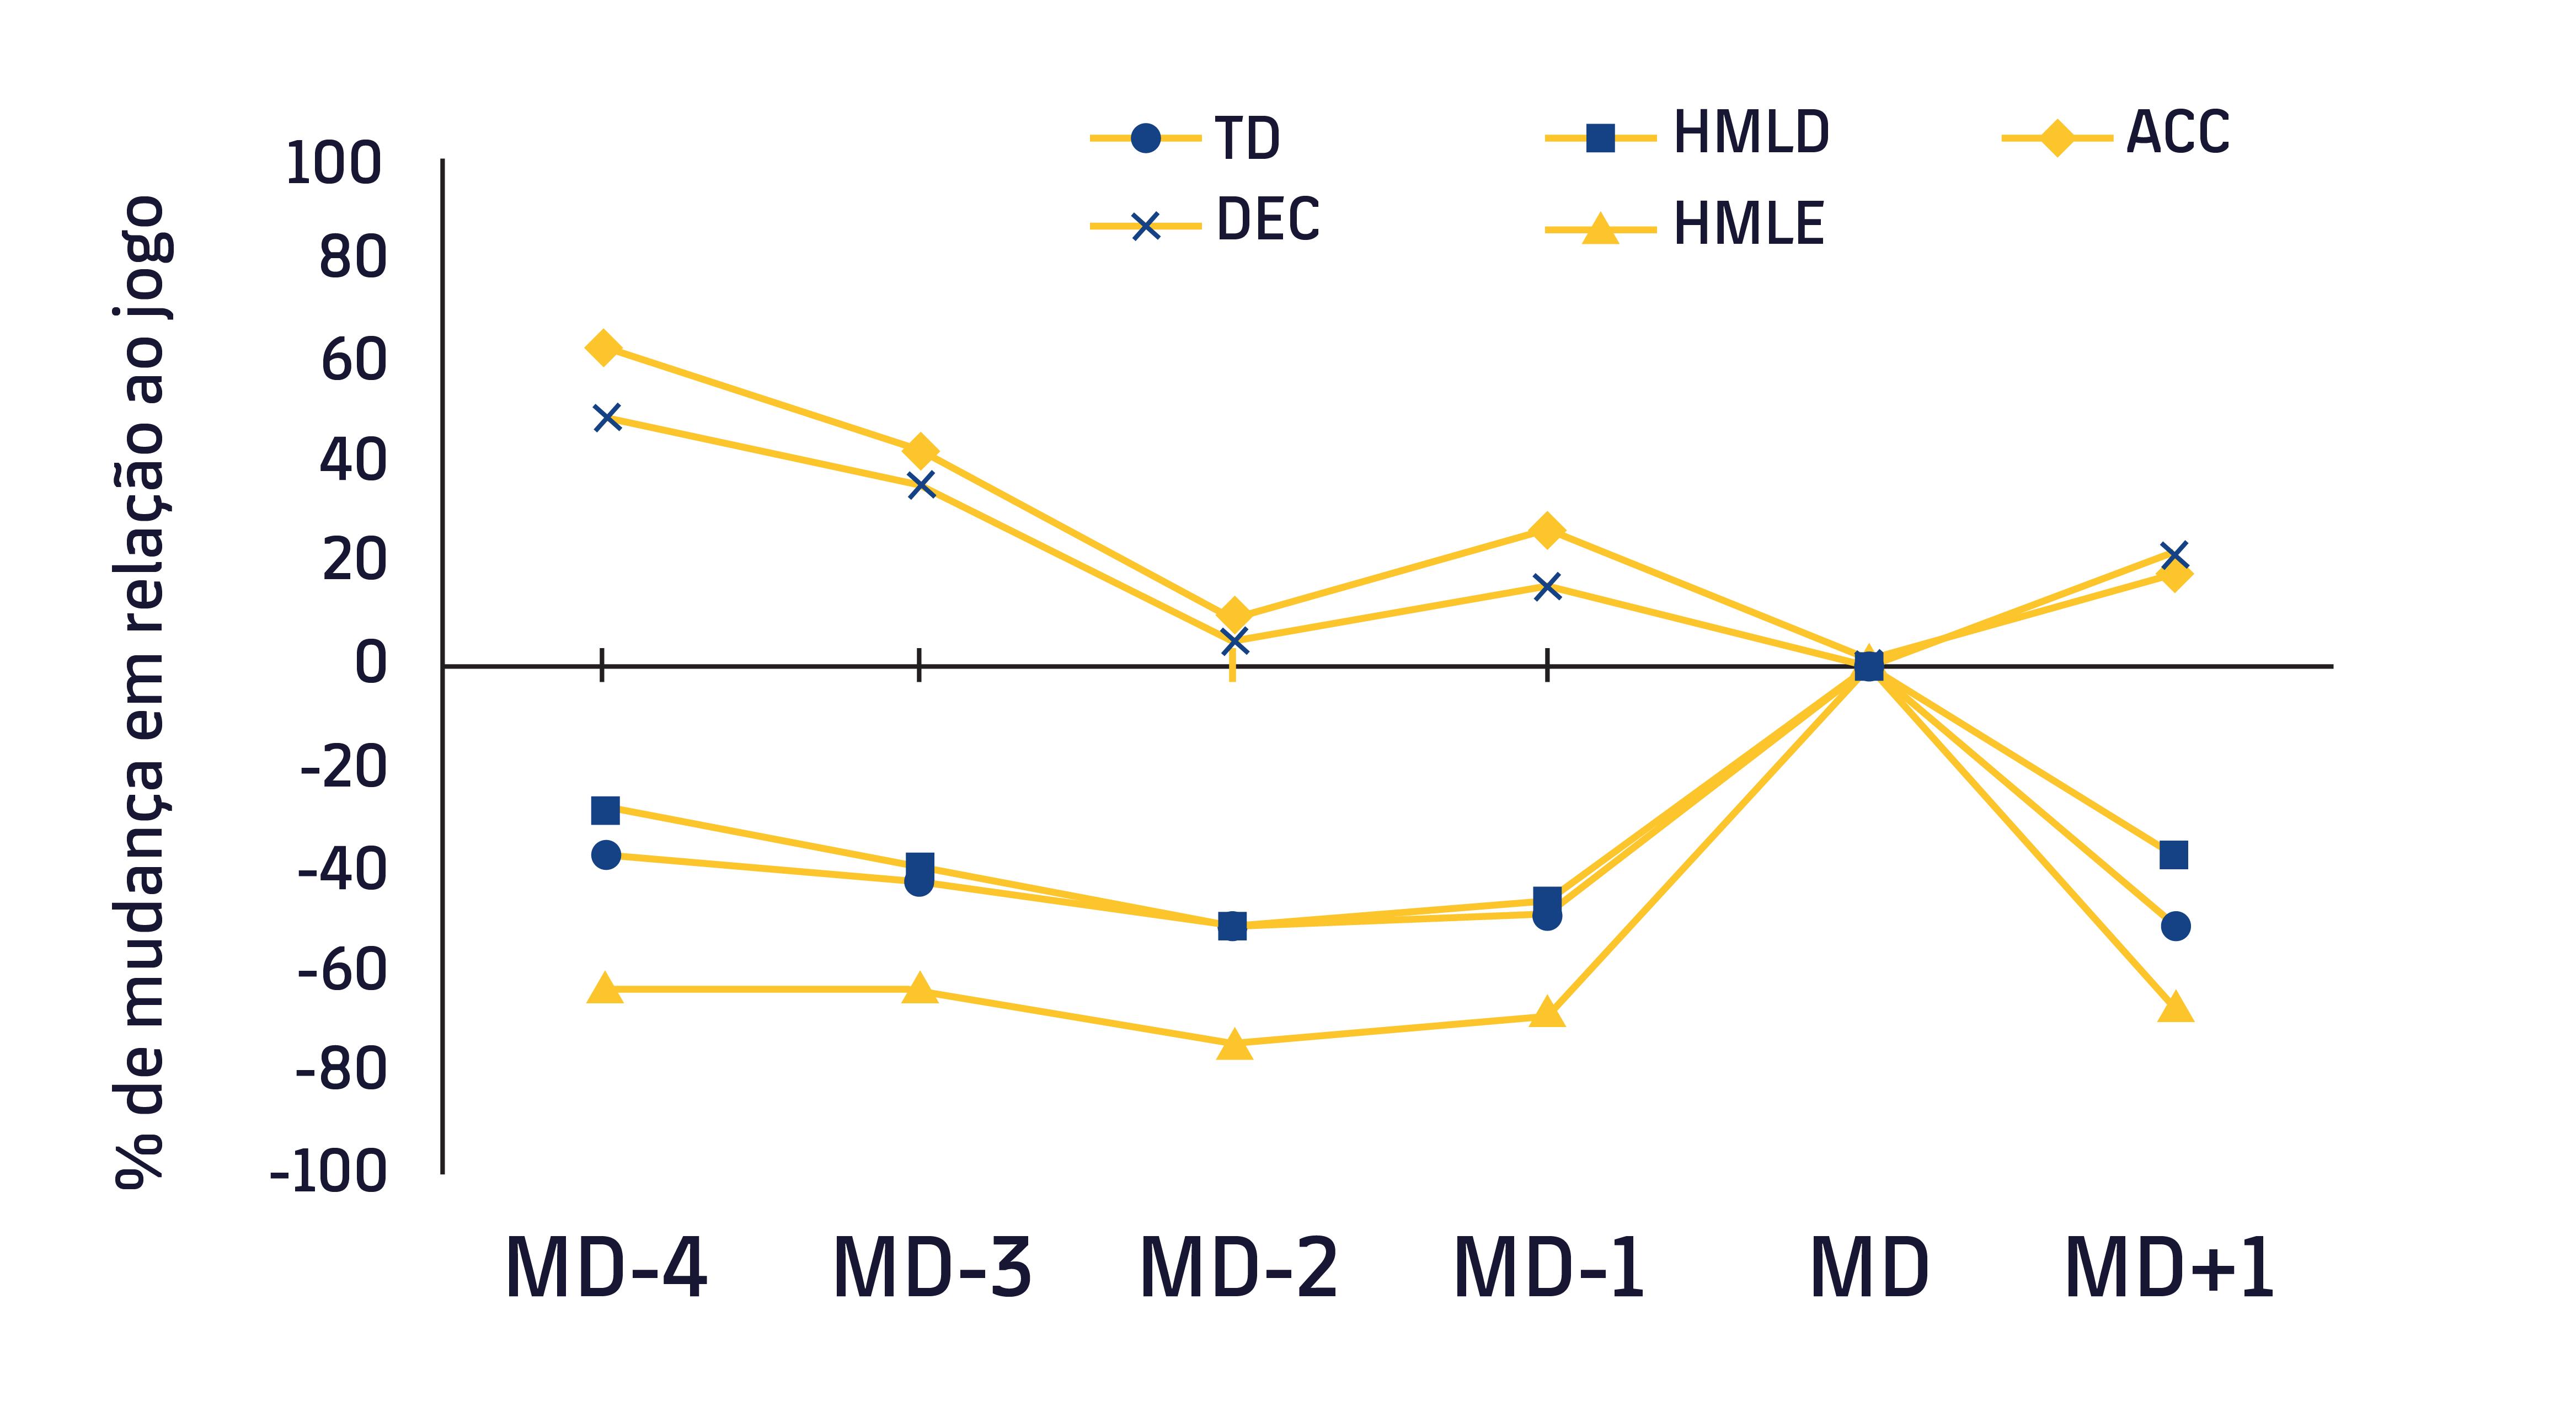 Figura 1. Evolução das variáveis da carga externa em relação ao dia do jogo. TD (distância total), HMLD (alta carga metabólica), HMLE (quantidade de esforços de alta carga metabólica), DEC (desacelerações), ACC (acelerações). MD-4 (4 dias antes do jogo), MD-3 (3 dias antes do jogo), MD (dia de jogo). Adaptado por Moreno Pérez, et al. (7)